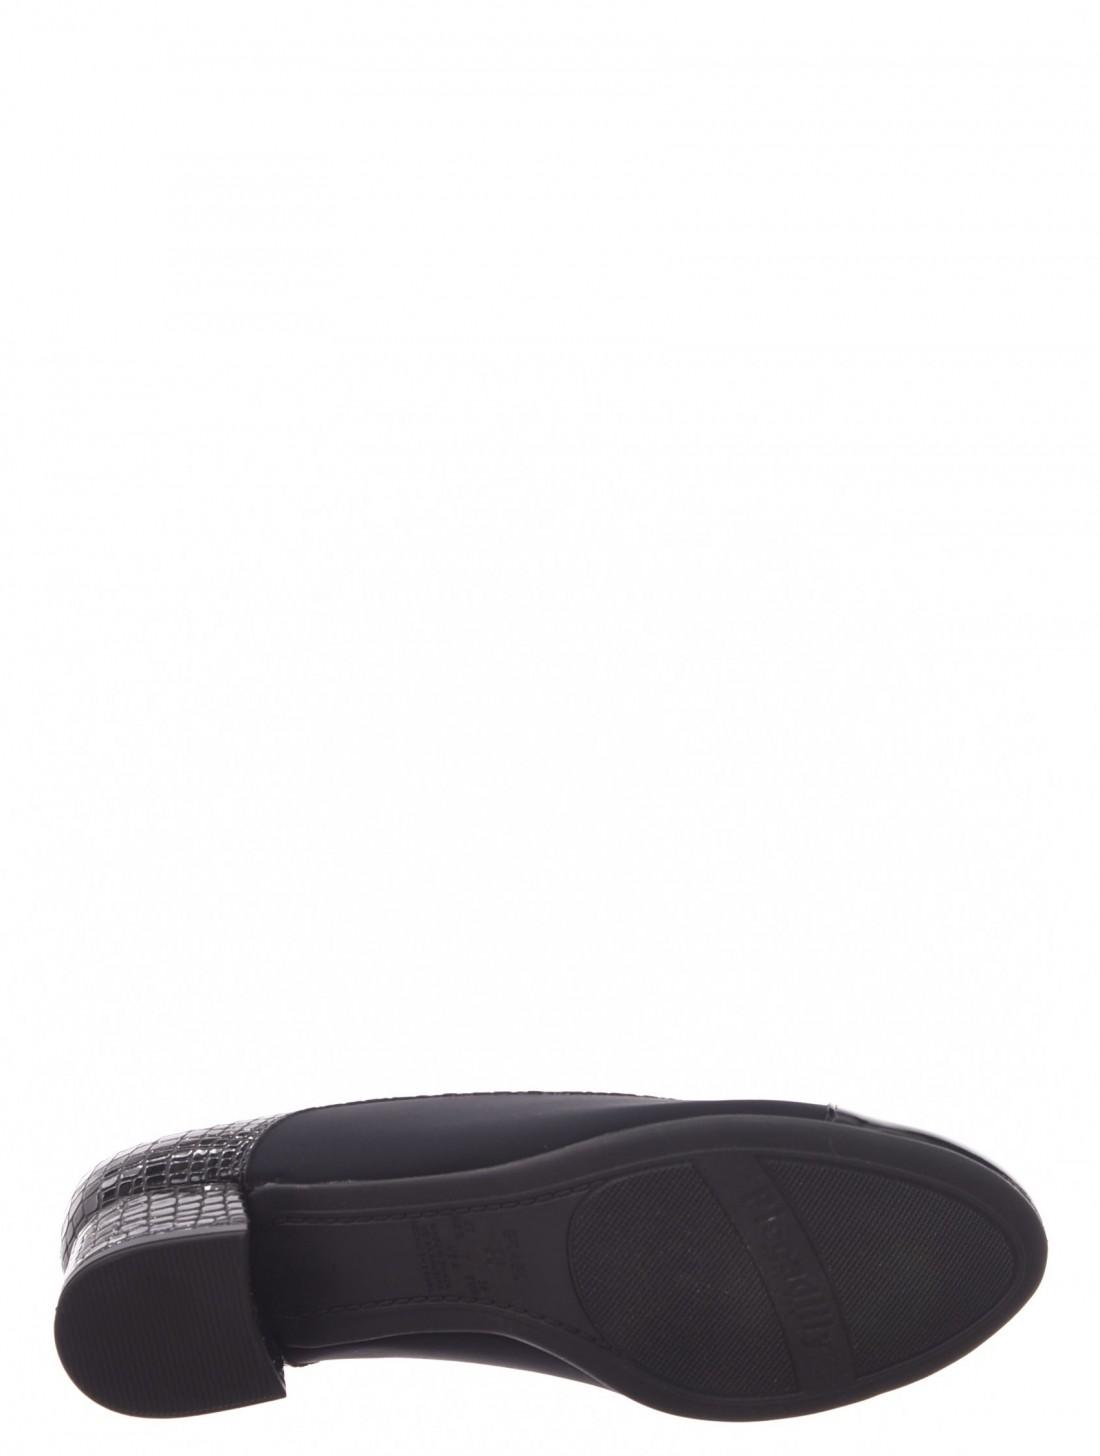 7ecb0c4132 ... Sapato Piccadilly Com Protetor para Joanete Detalhe Verniz Croco Preto  ...